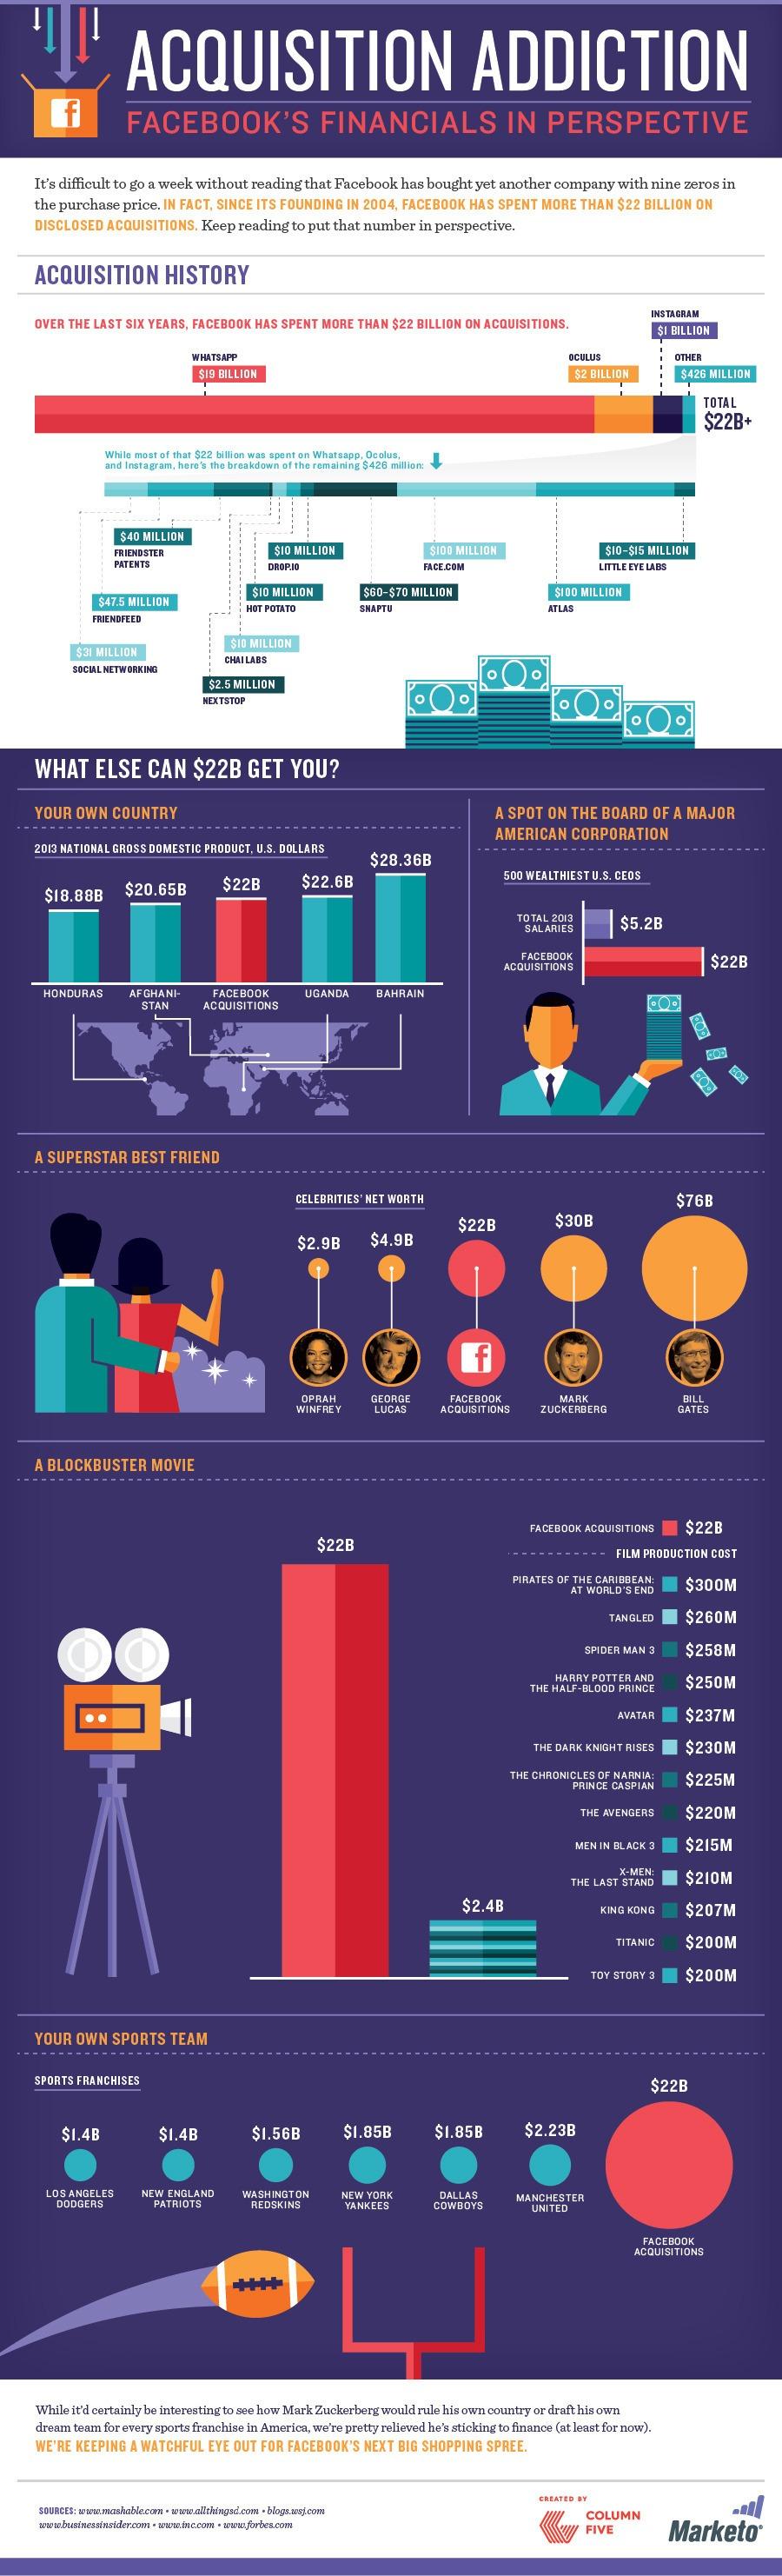 22.000 millones de dólares, la inigualable cifra de las compras de Zuckerberg, en una infografía